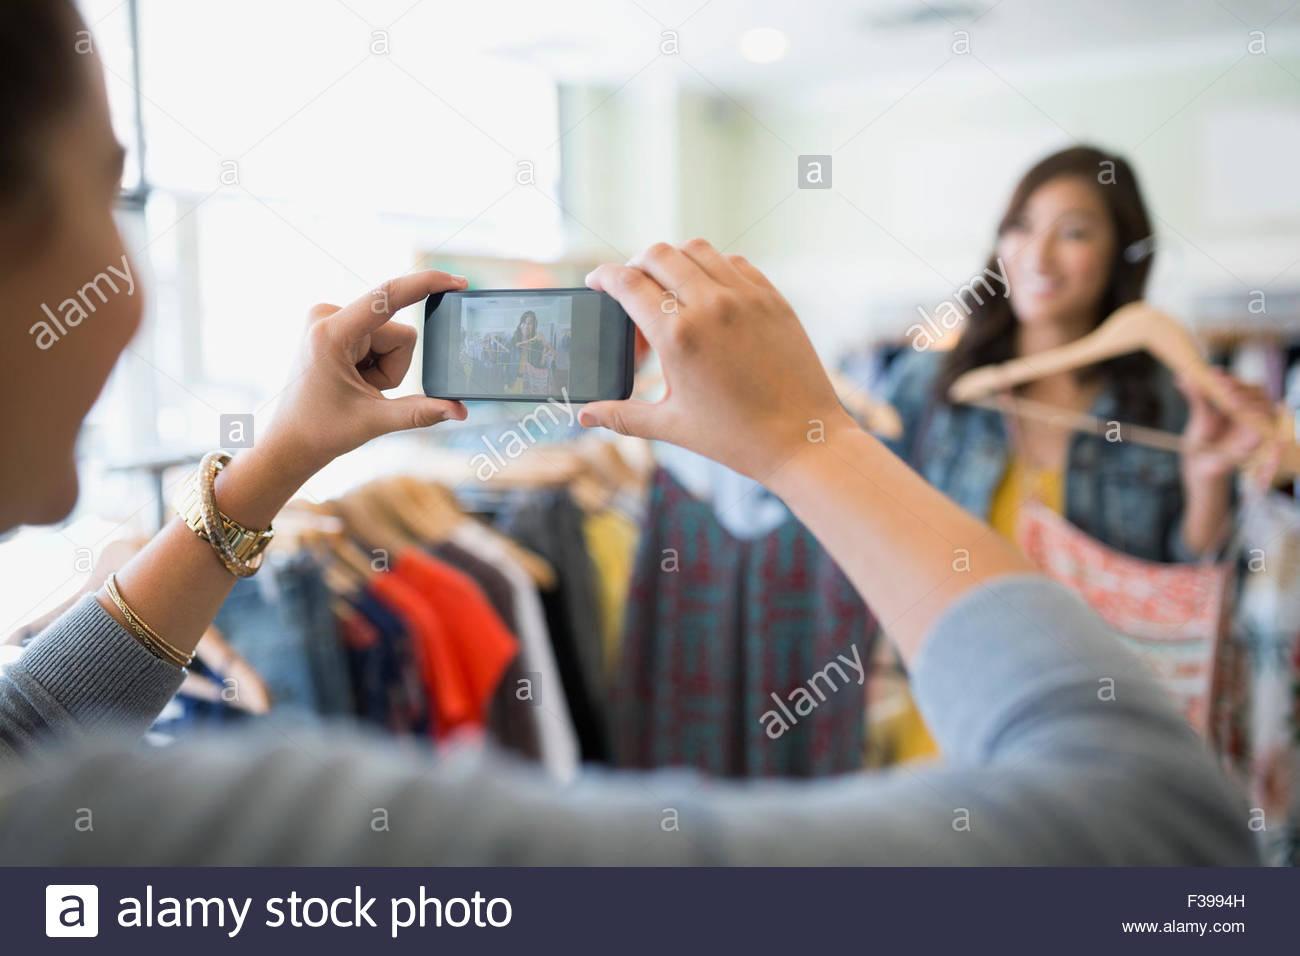 kleider fotografieren